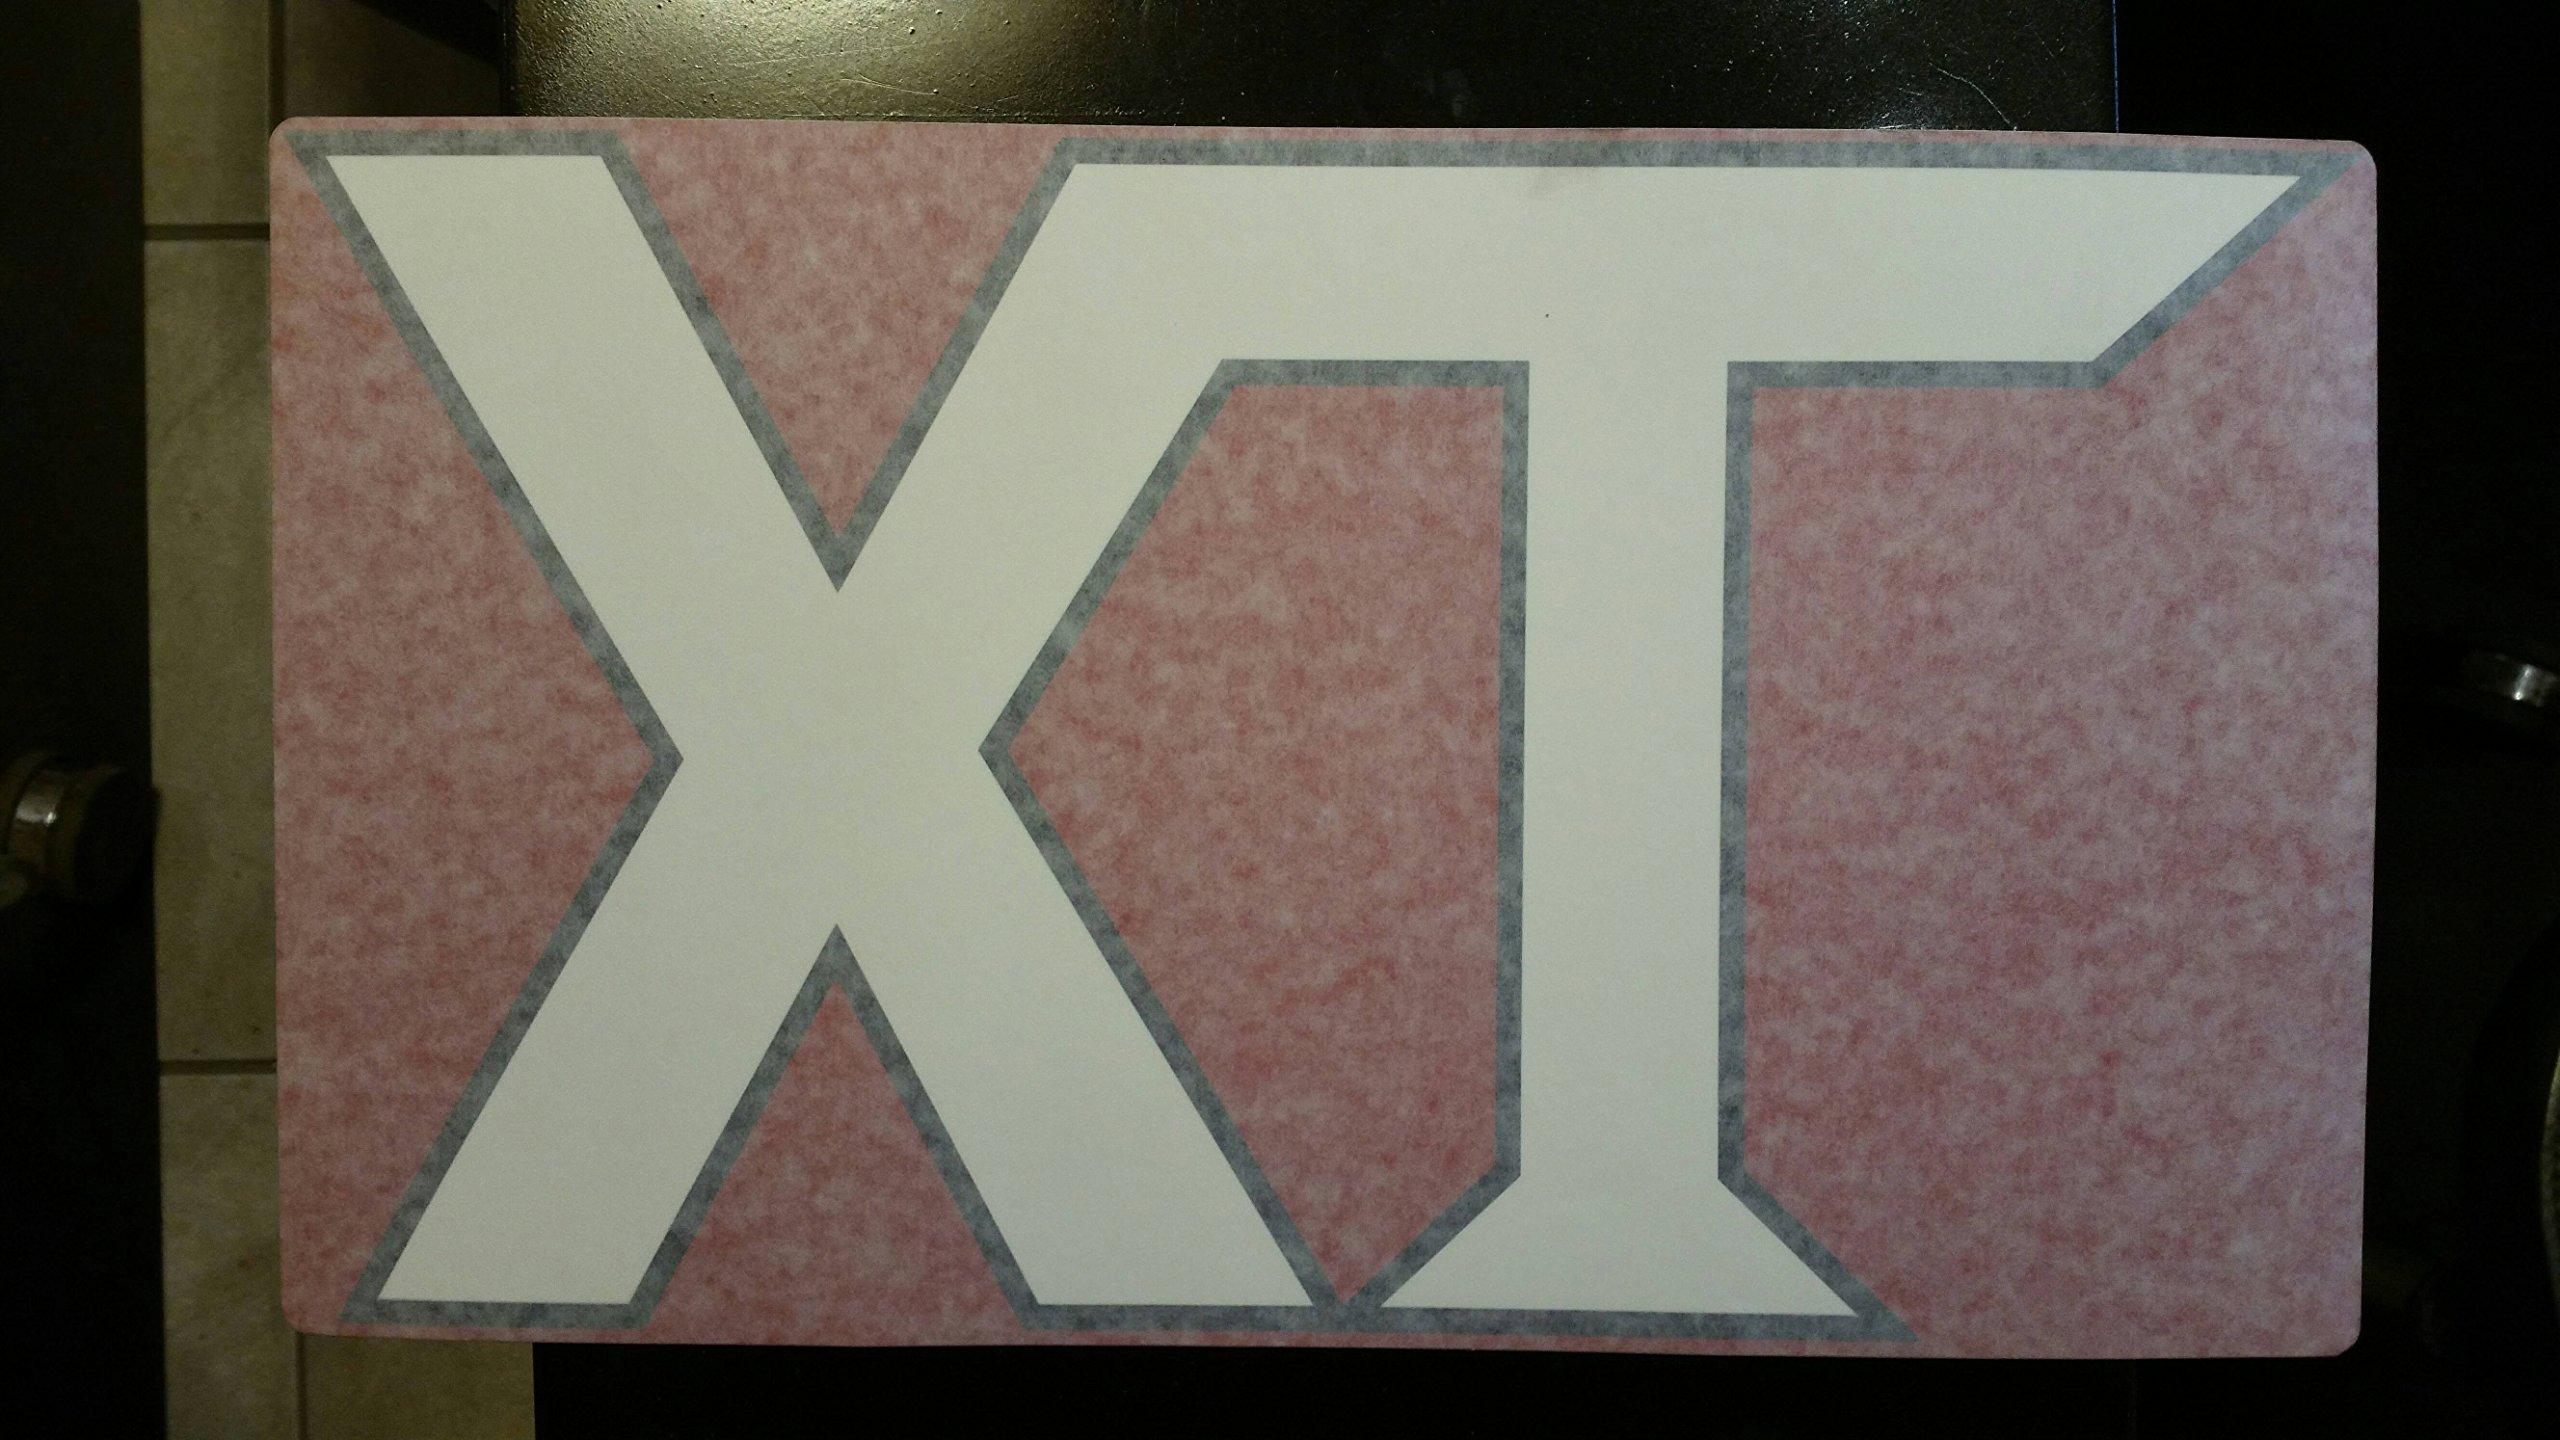 Boss Part # MSC10190 - Power-V''XT'' Front of Blade Decal Sticker